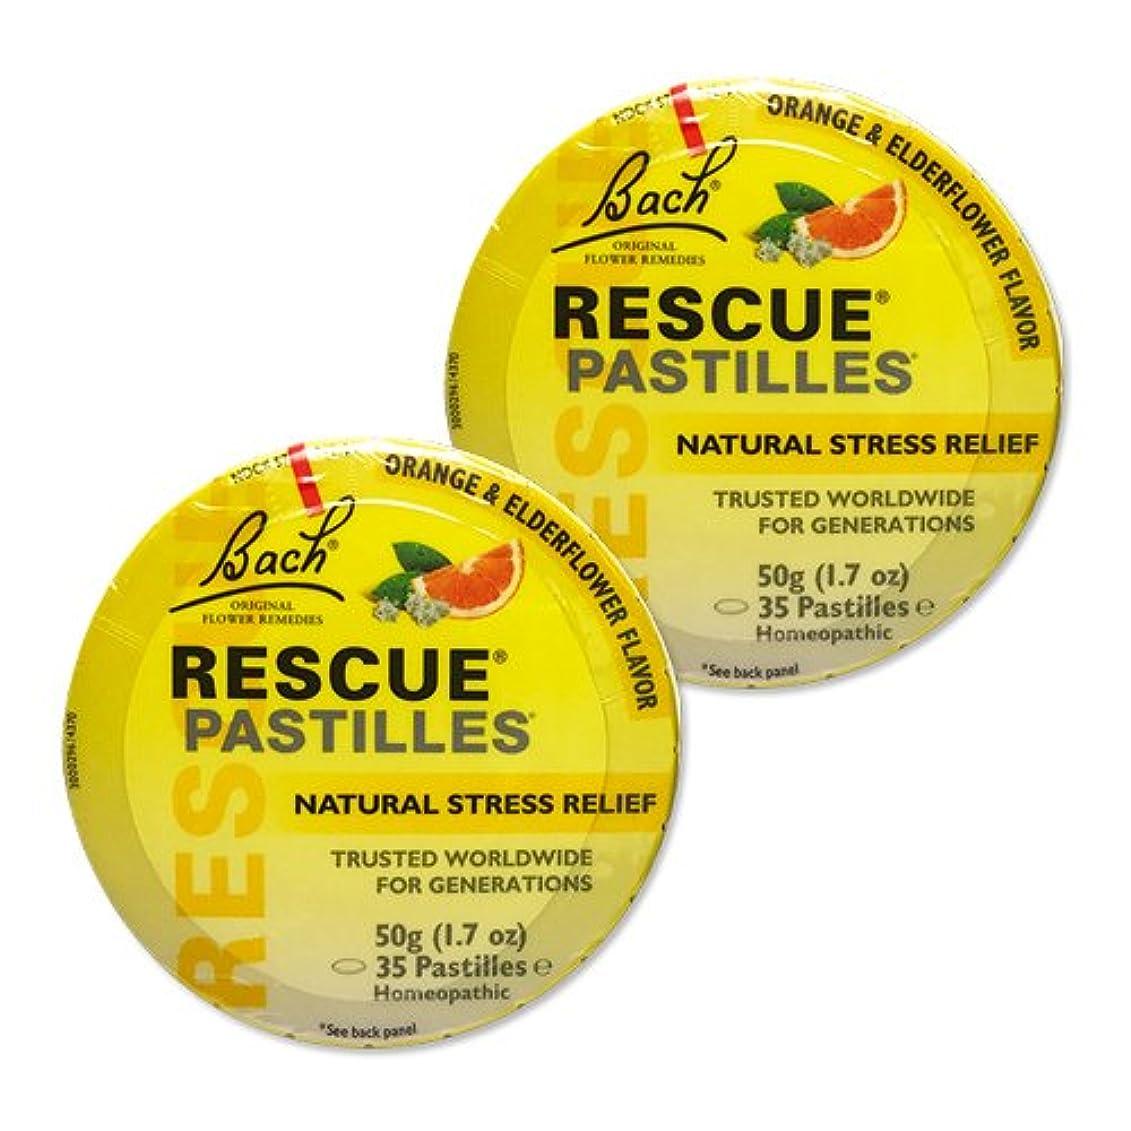 太いミントひも【2個セット】 [海外直送品]バッチフラワー レスキューレメディー パステル(オレンジ) Rescue Pastilles: For Occasional...